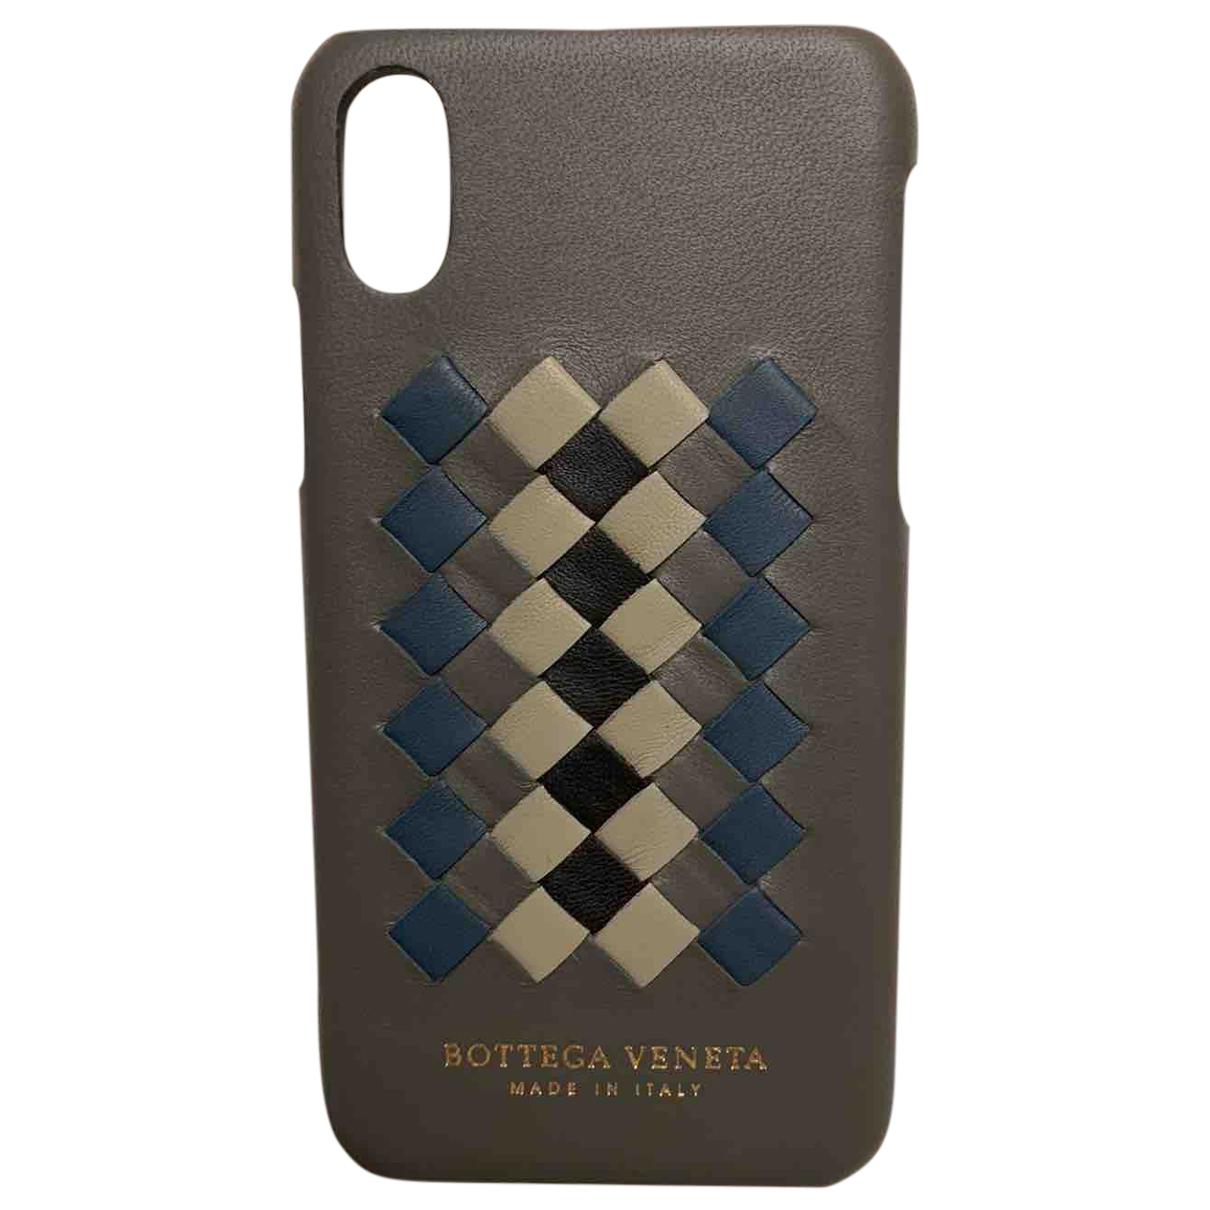 Funda iphone de Cuero Bottega Veneta